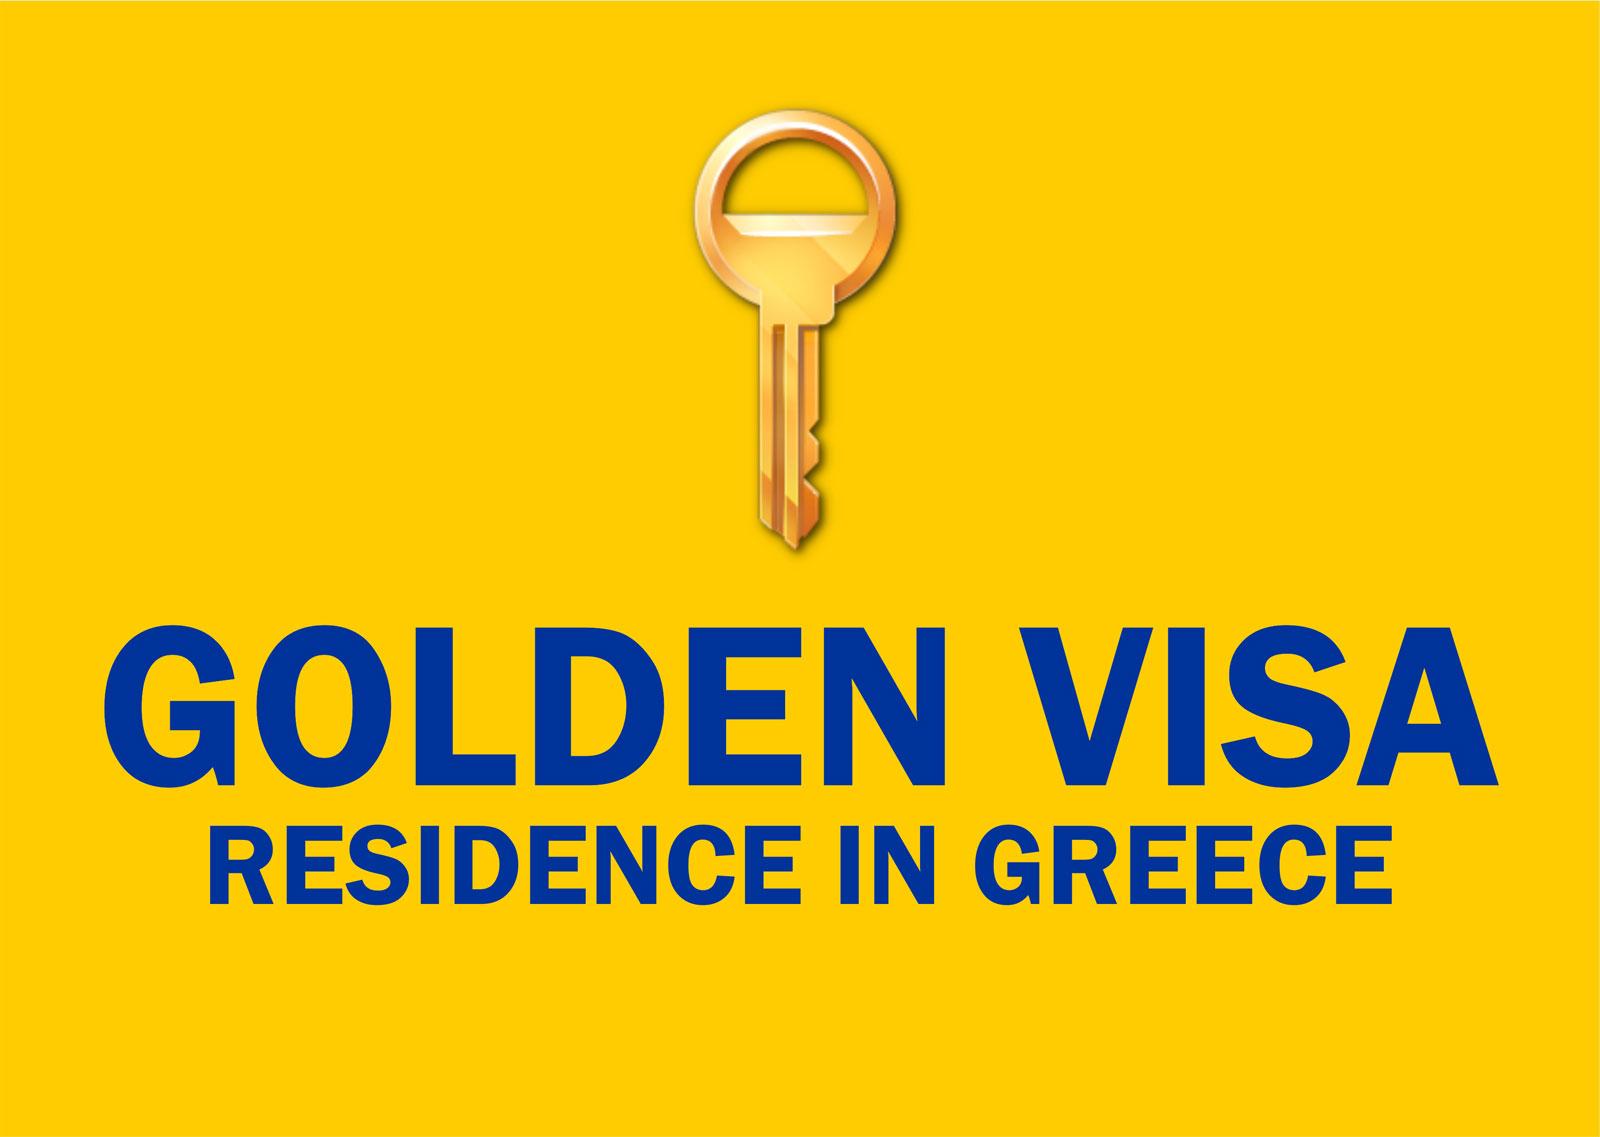 GOLDEN VISA - RESIDENCE IN GREECE